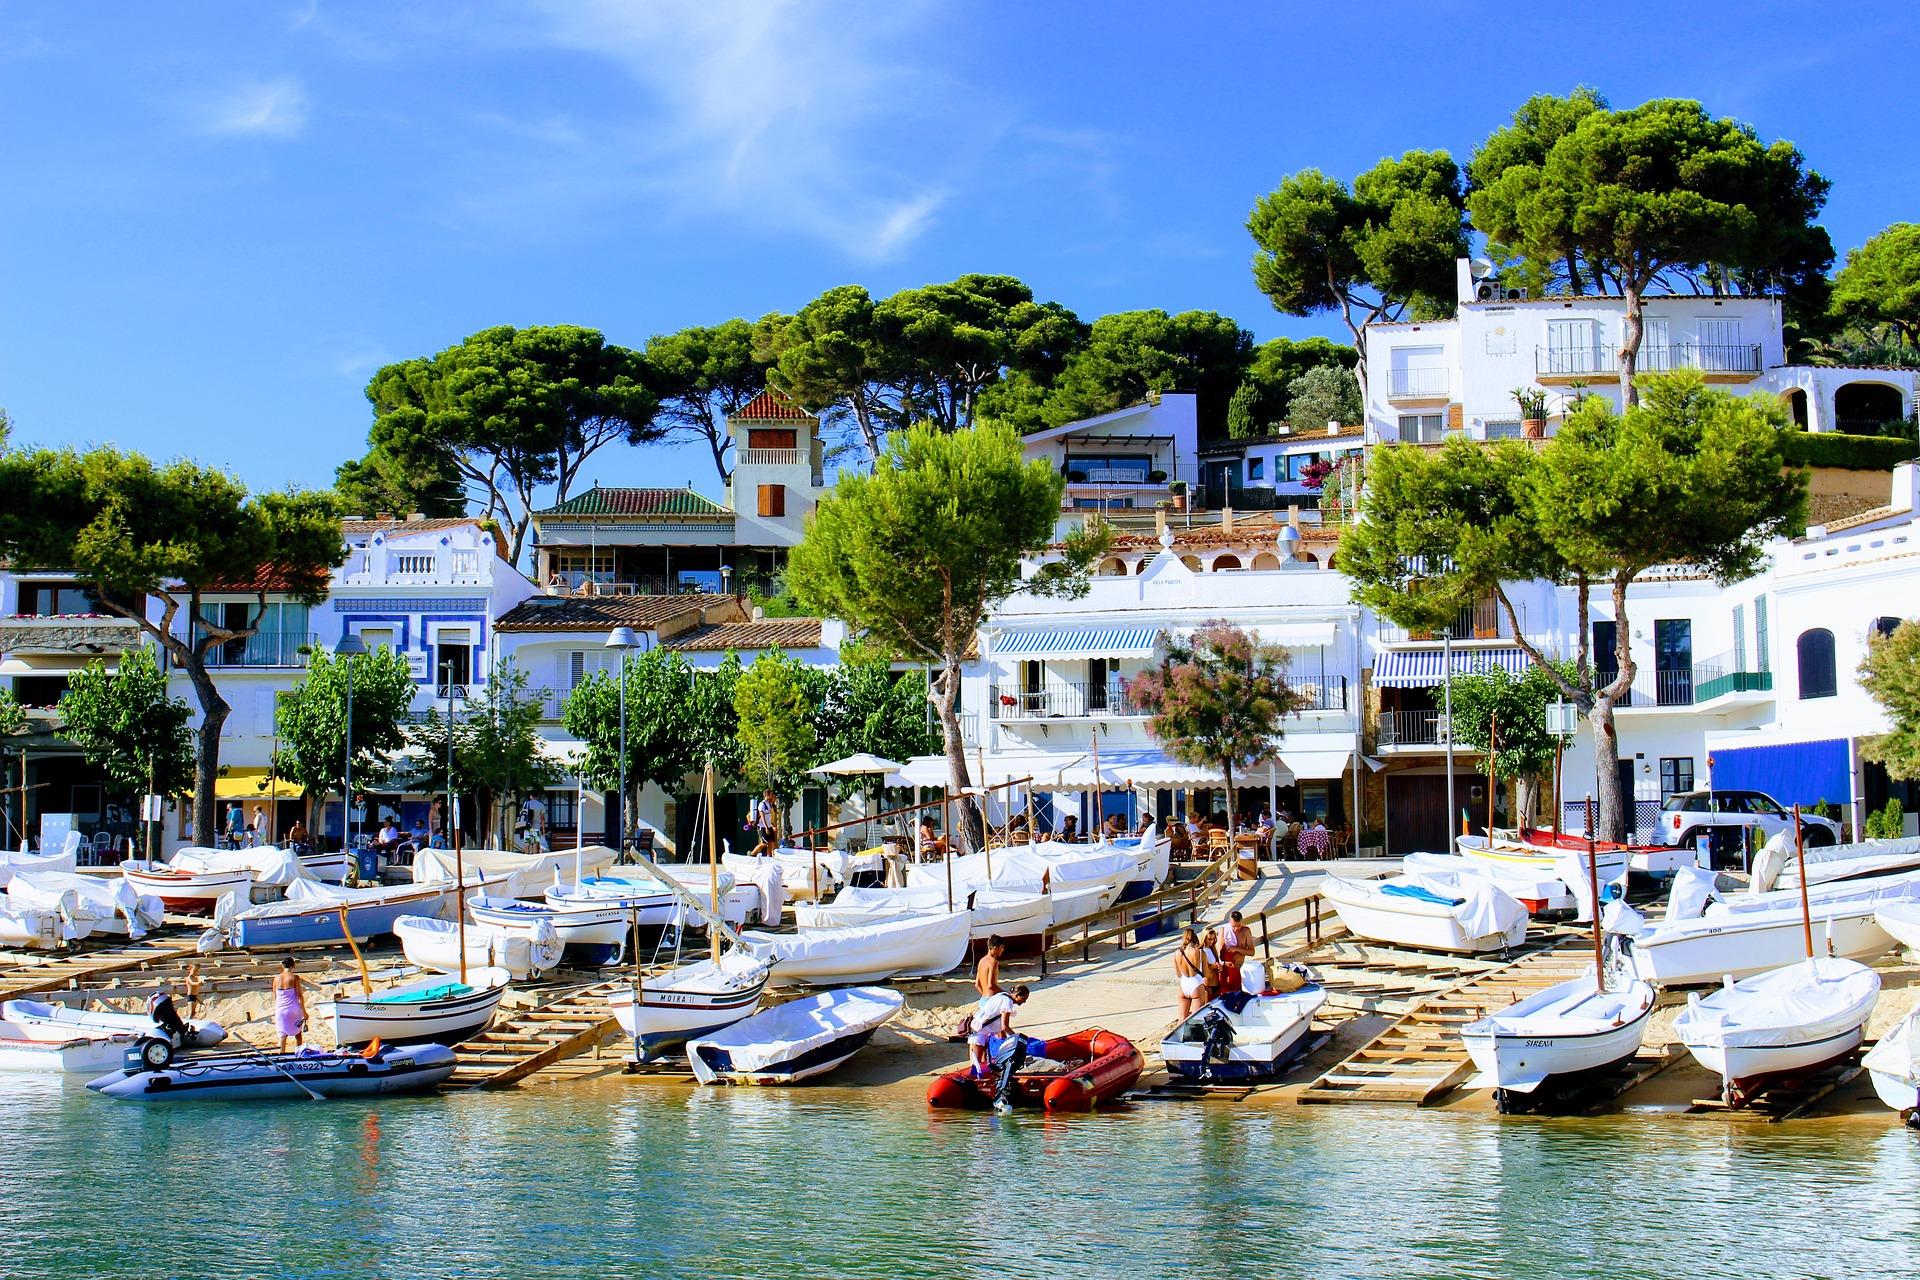 Ferienhaus an der Costa Brava mieten – hierauf ist vorab zu achten!